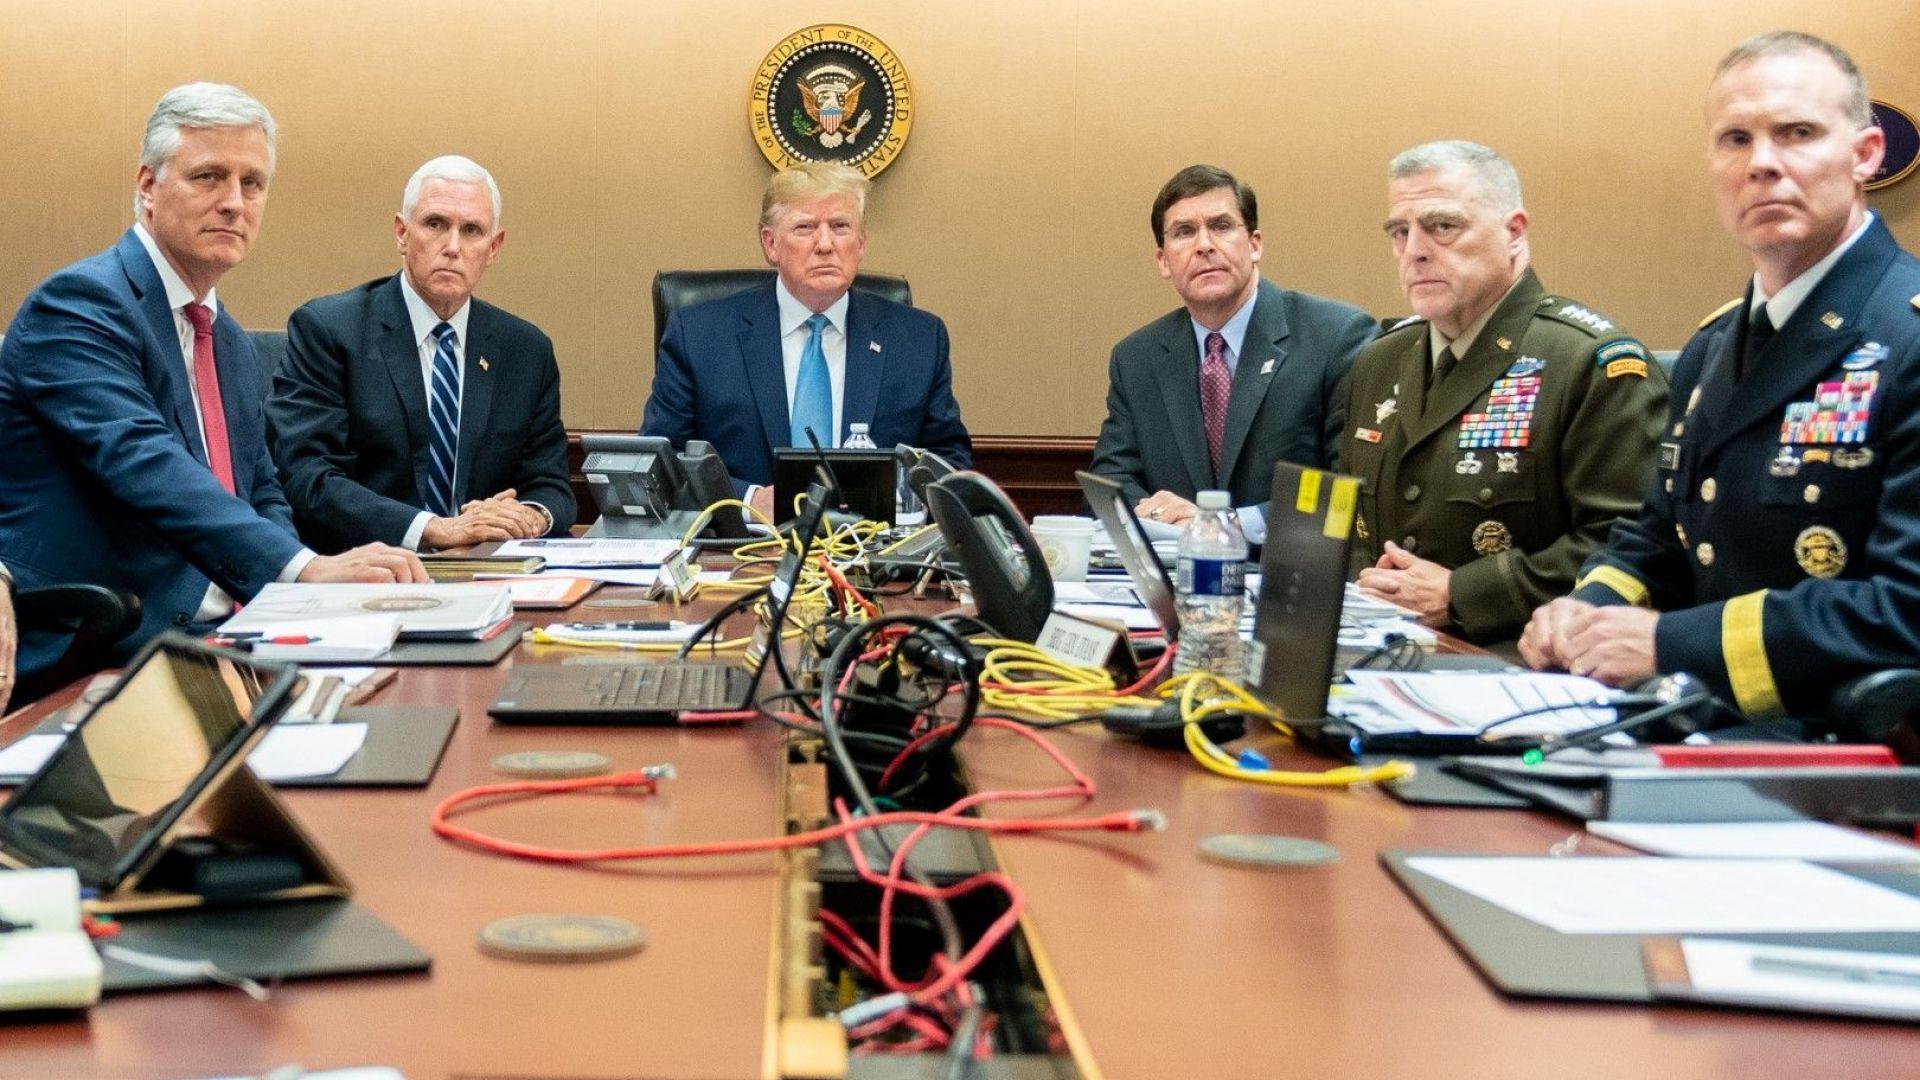 САЩ заявиха, че ще започнат преговори с Русия за контрол на оръжията